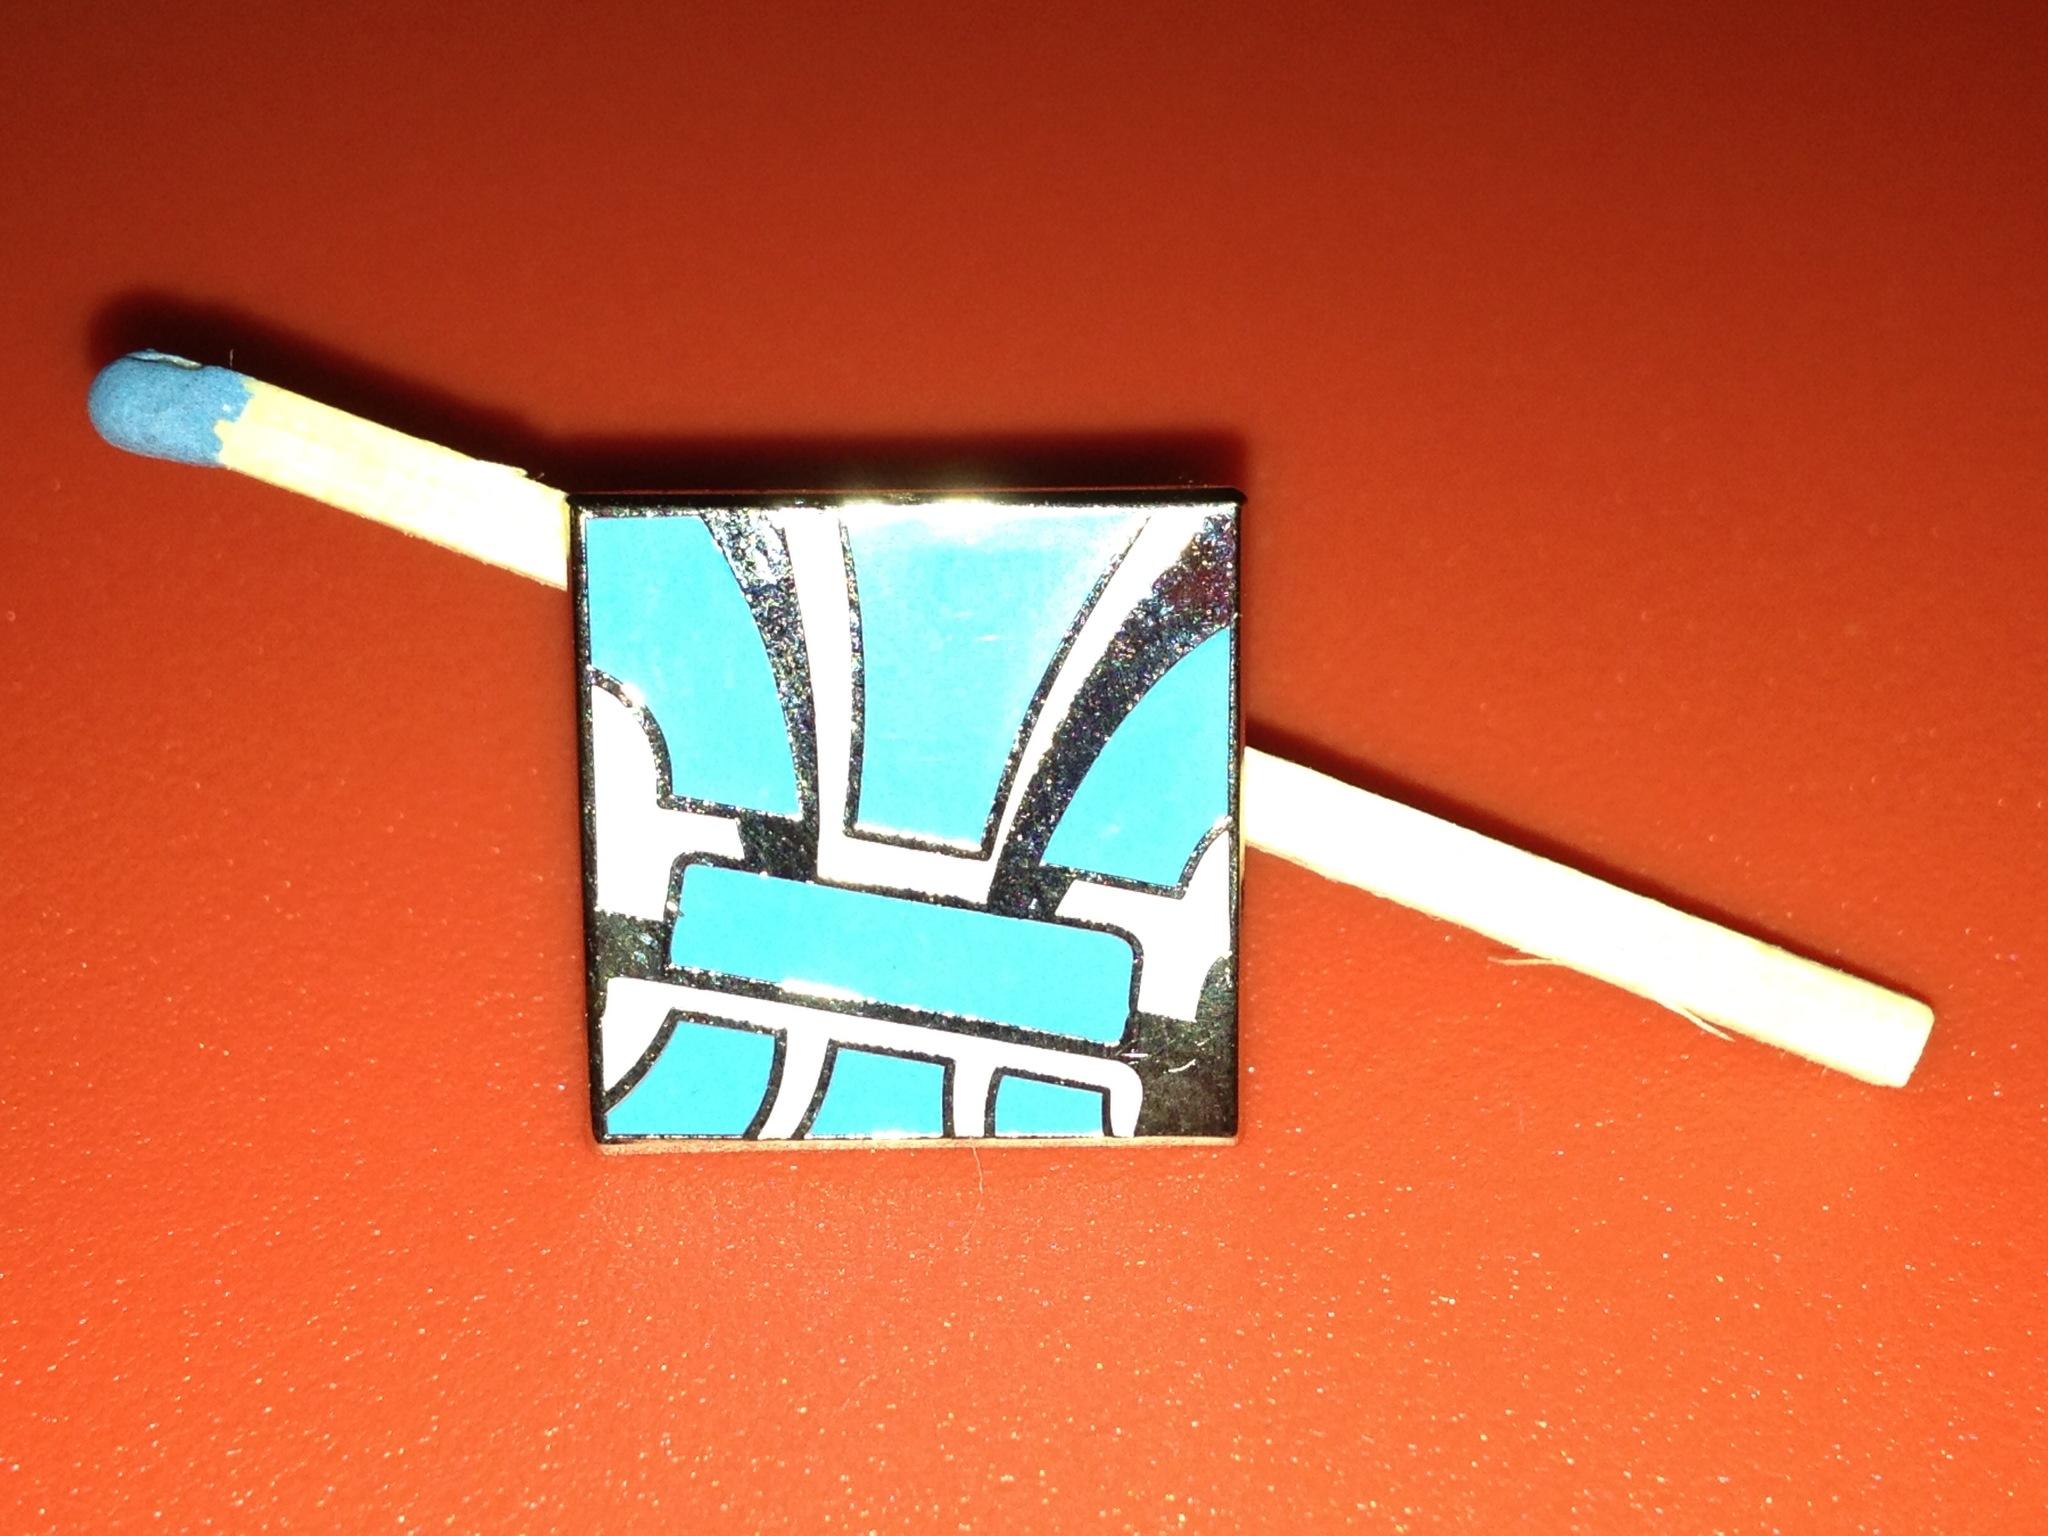 Erkennungs-Pin für die Mitglieder des Pfadfindertreffpunkt